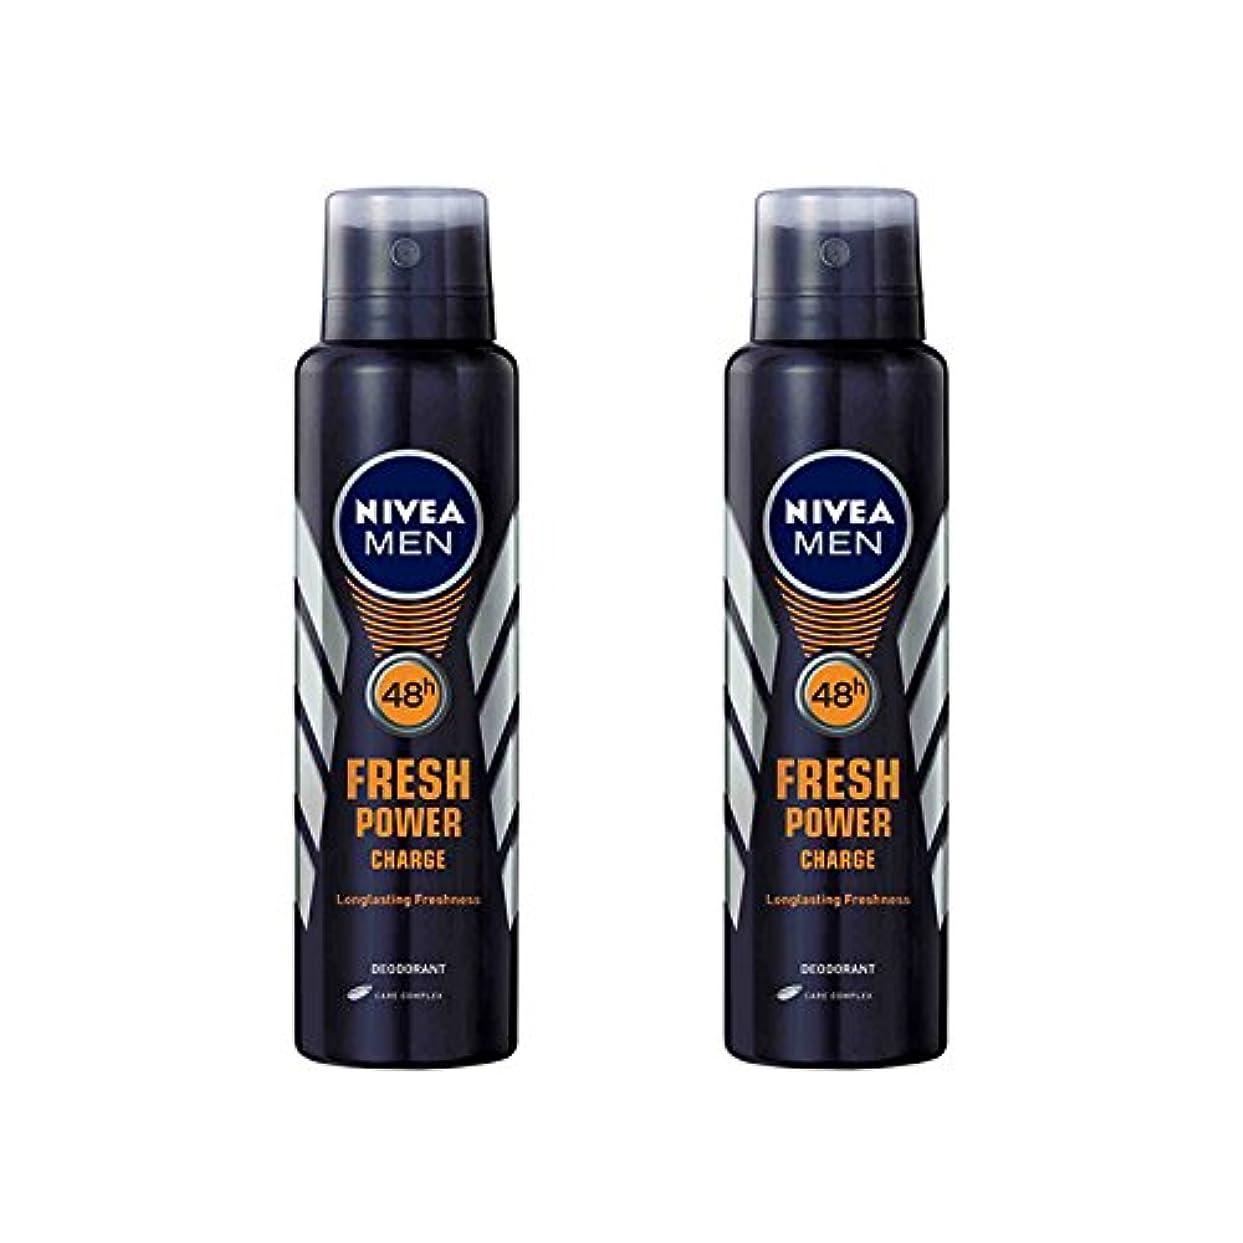 凍結悪質な合理的2 Lots X Nivea Male Deodorant Fresh Power Charge, 150ml - 並行輸入品 - 2ロットXニベア男性デオドラントフレッシュパワーチャージ、150ml